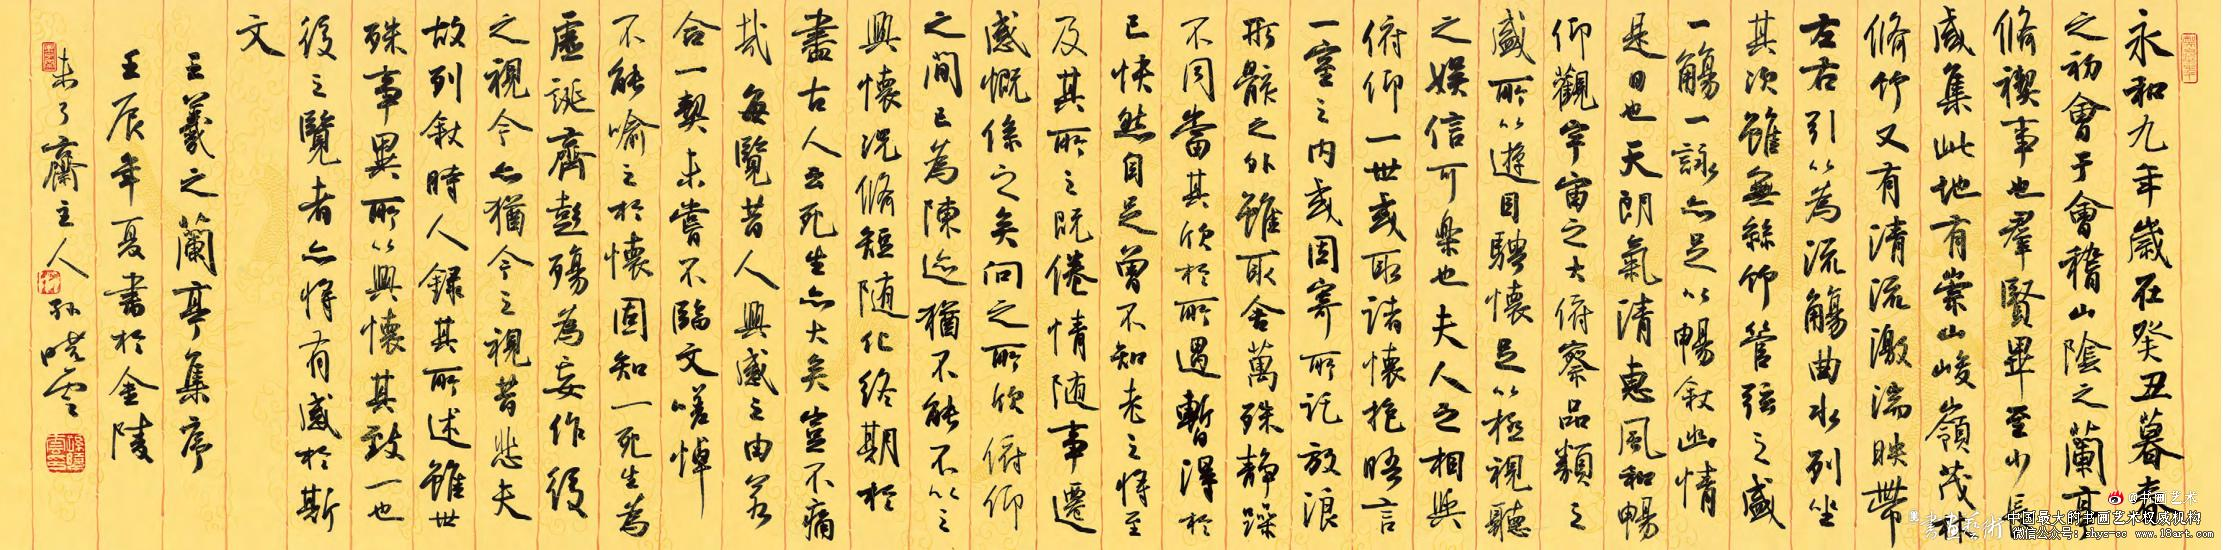 孙晓云 行书 王羲之《兰亭集序》 139cm×35cm 2012年